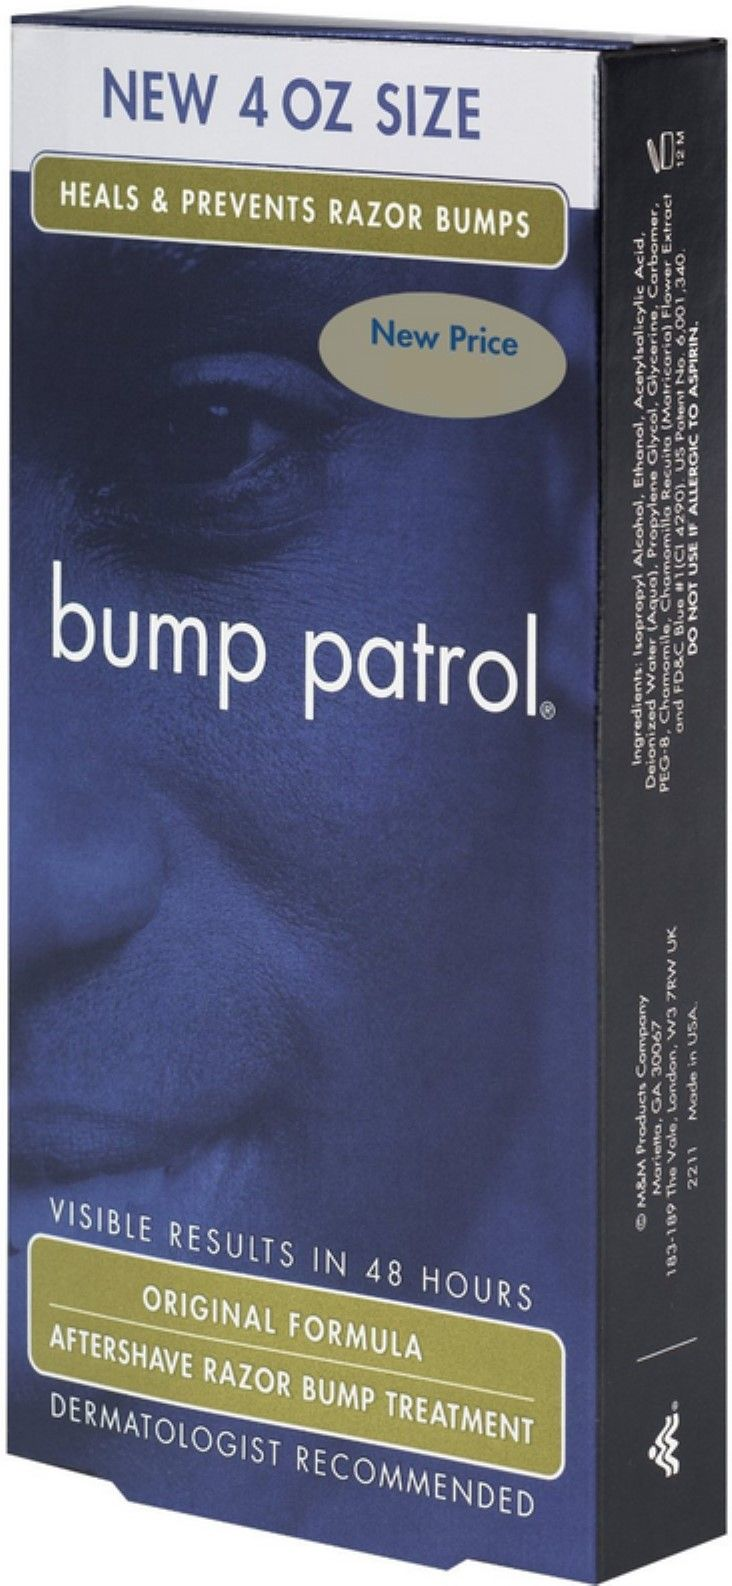 Bump Patrol Aftershave Razor Bump Treatment Original Formula, 4 oz